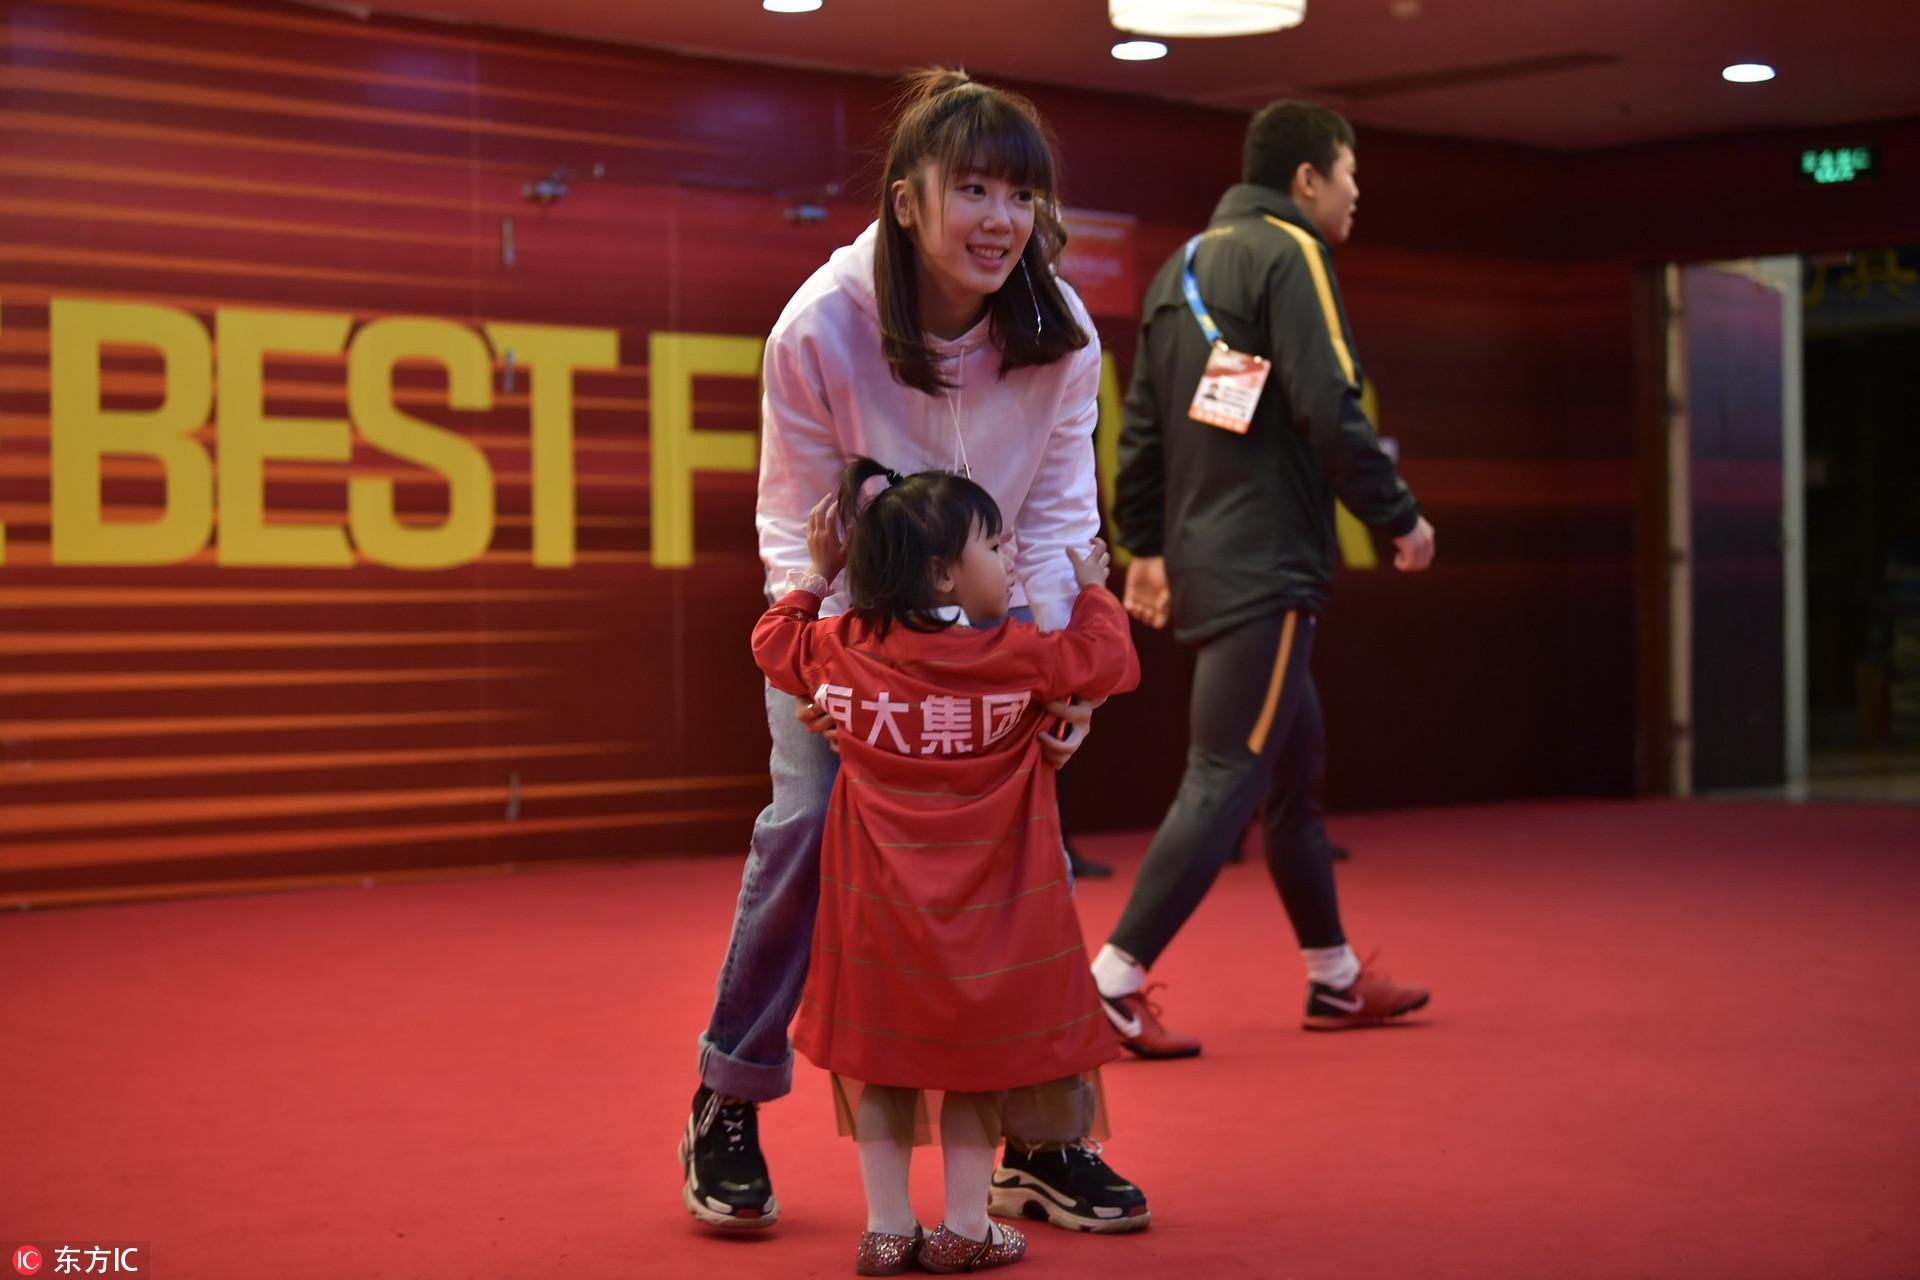 恒大球员通道温情多 郜林从妻子手中接过女儿